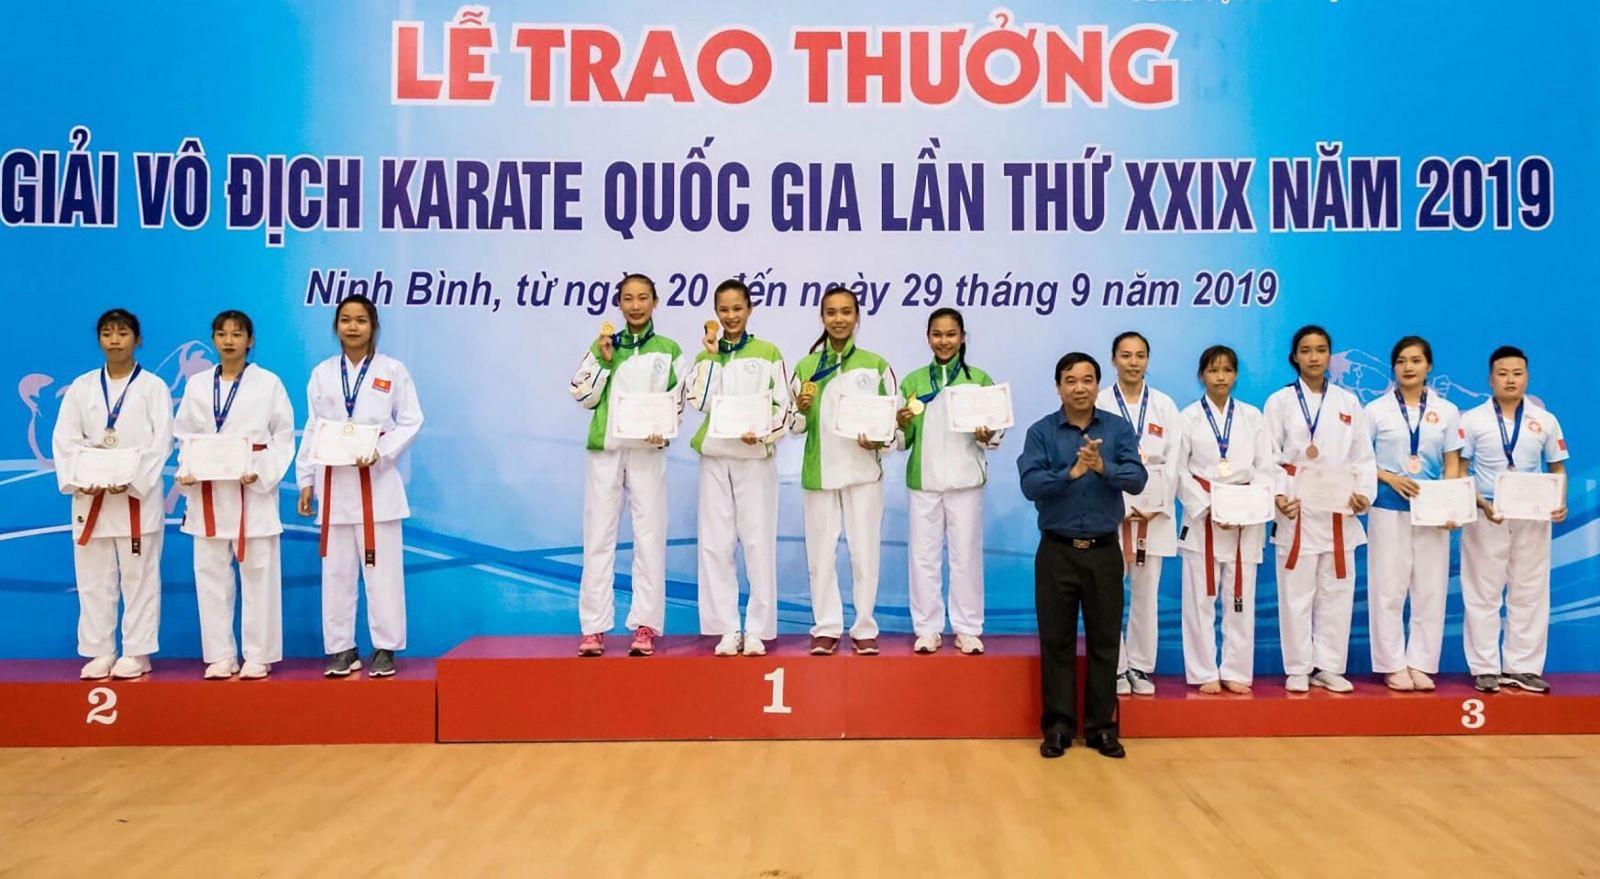 Nhóm võ sĩ của Cần Thơ đoạt HCV đối kháng đồng đội nữ.